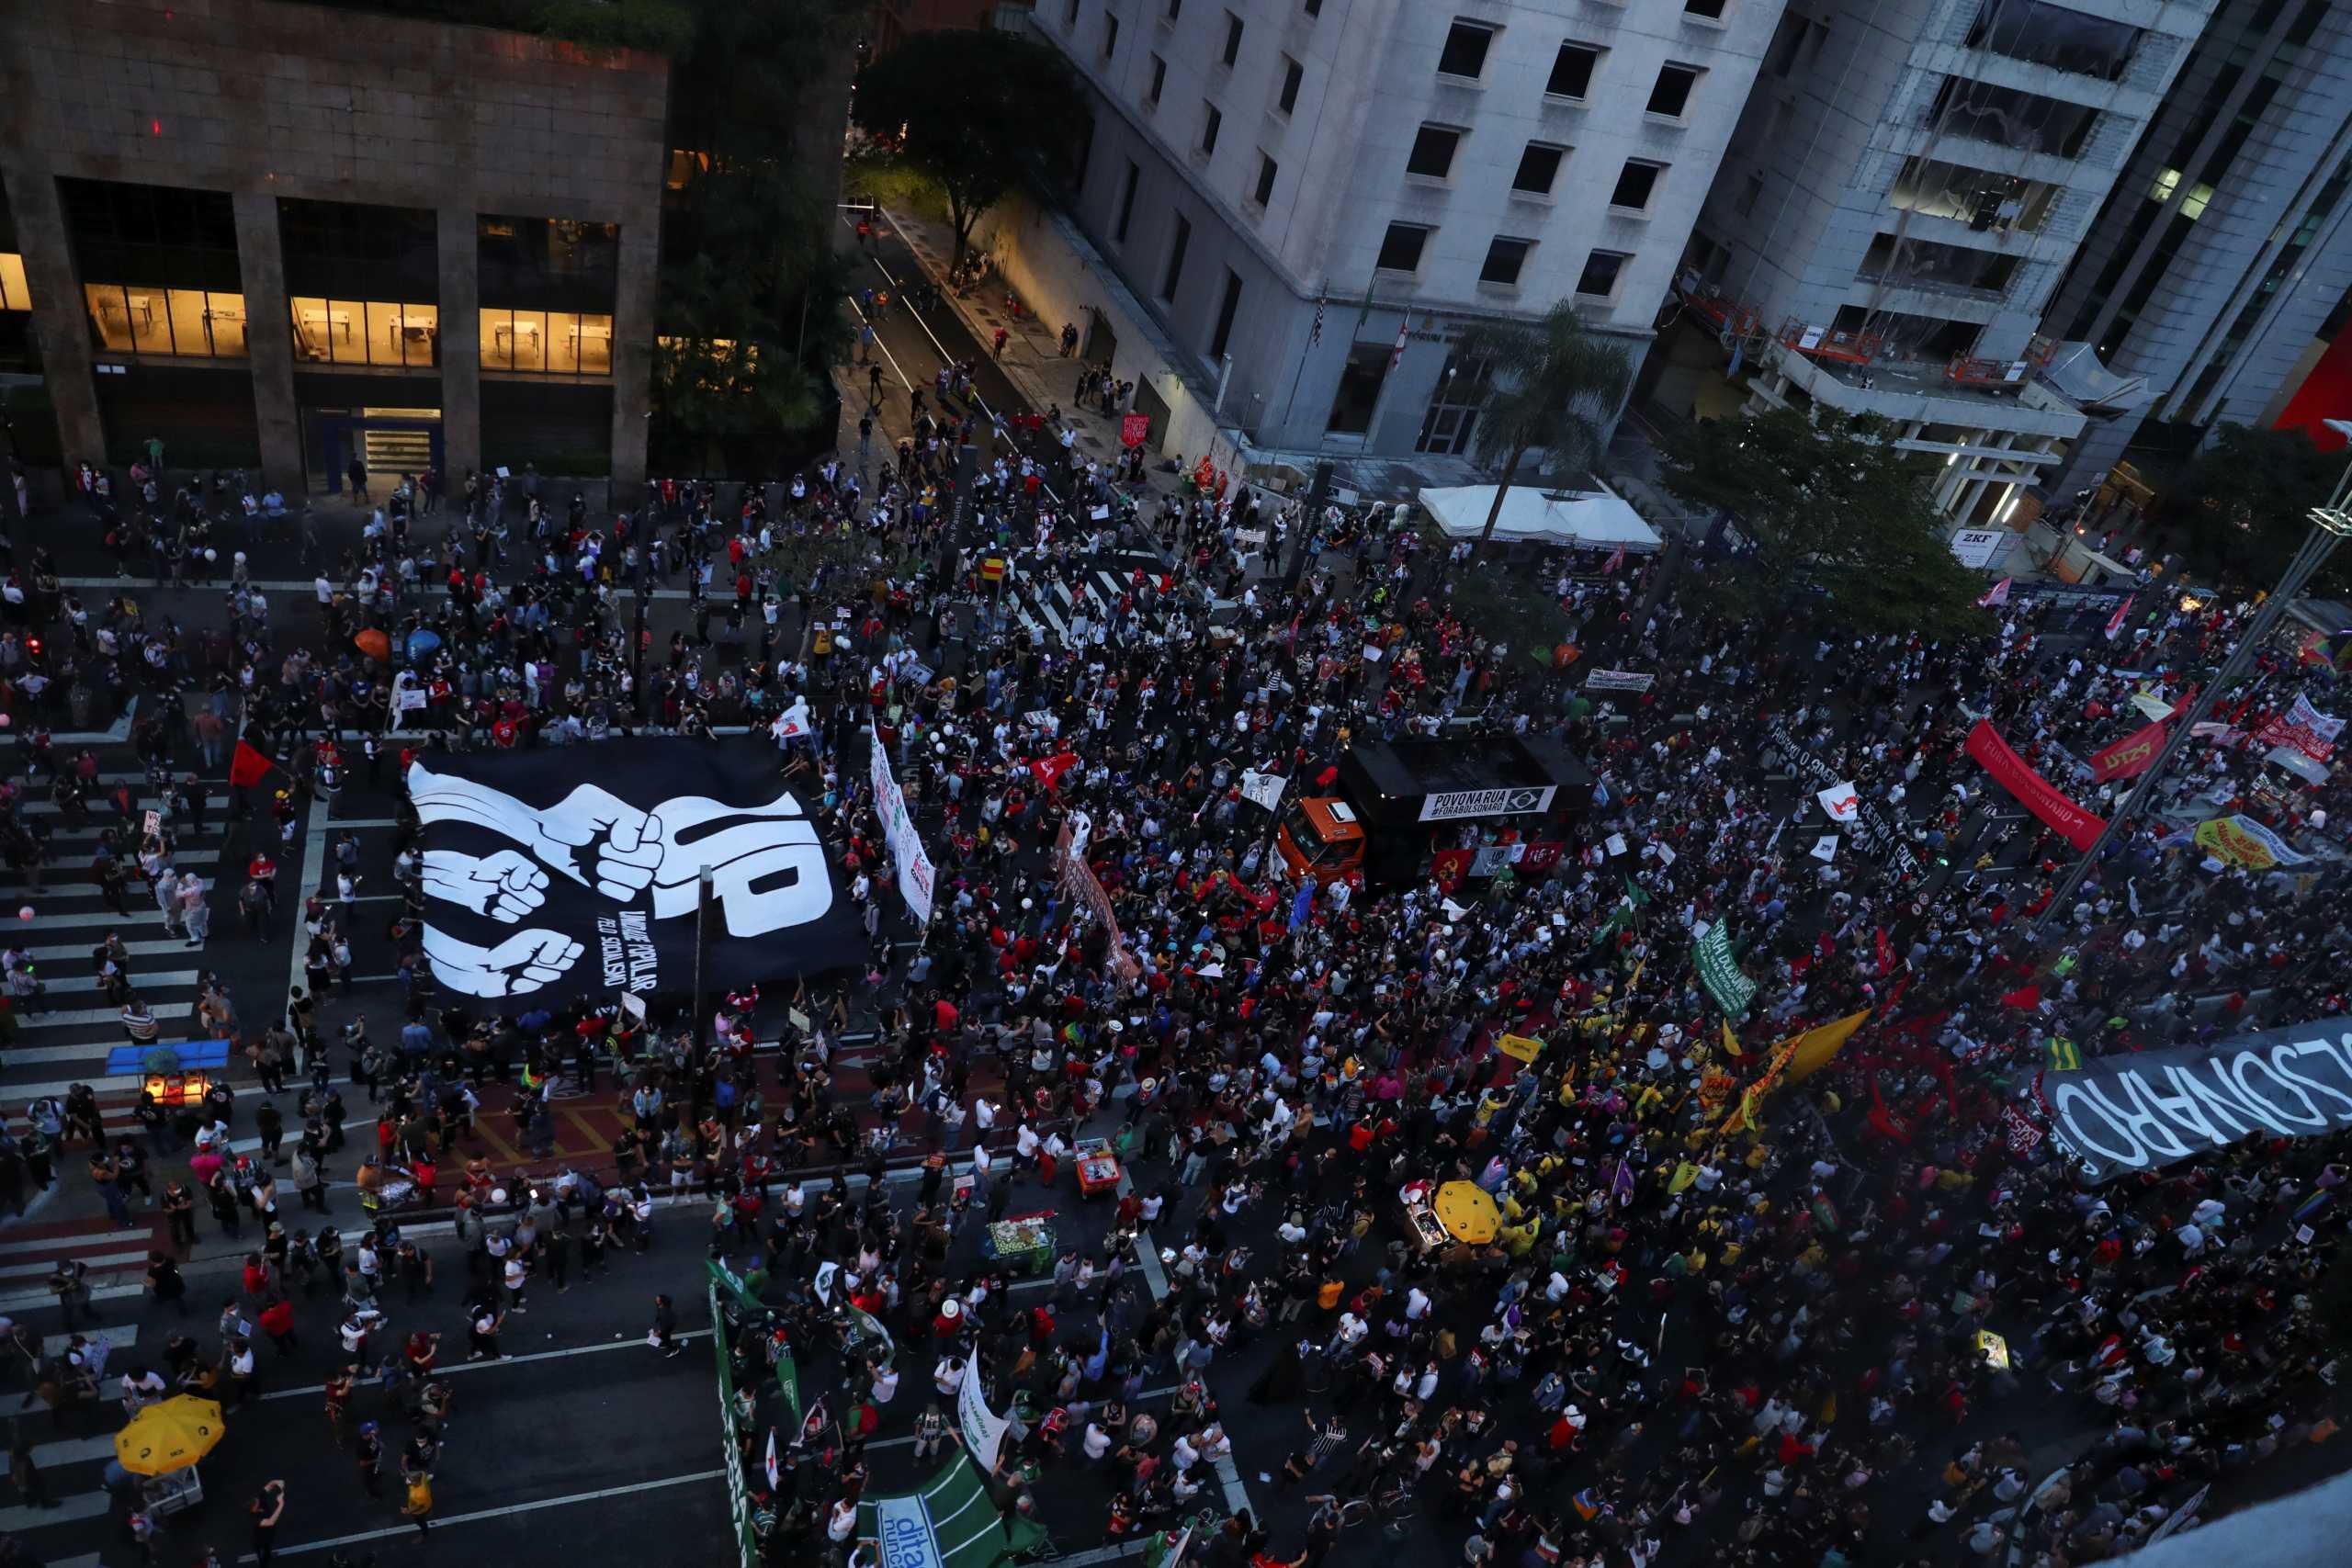 Βραζιλία: Ξεπέρασαν τις 460.000 οι νεκροί από κορονοϊό – Μαζικές διαδηλώσεις κατά του Μπολσονάρο